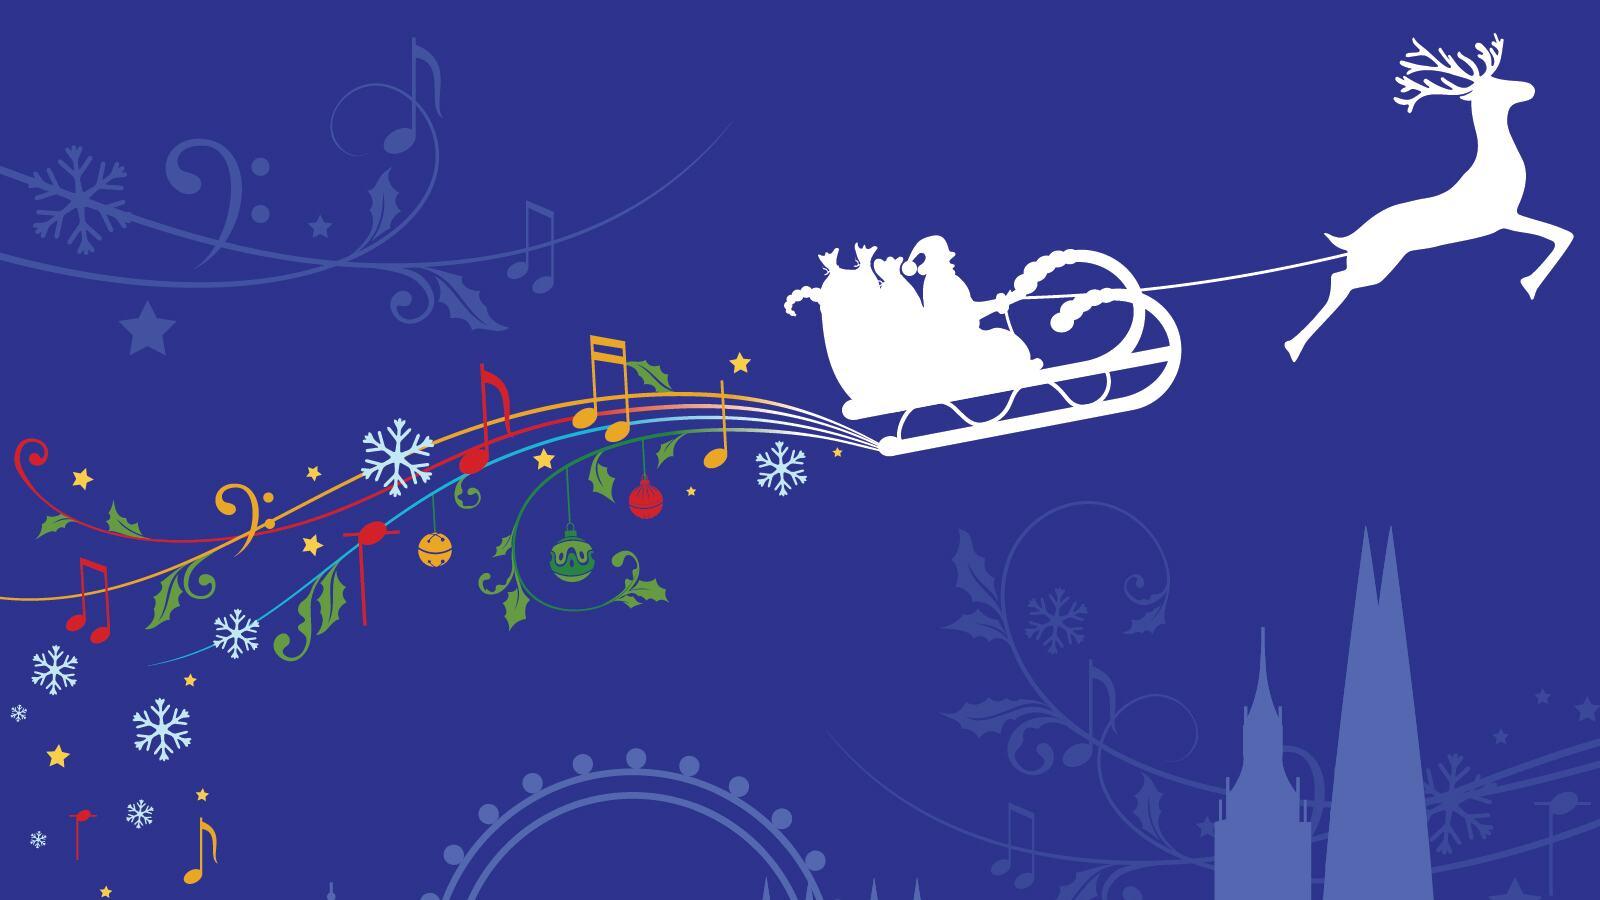 Illustration of Christmas scene